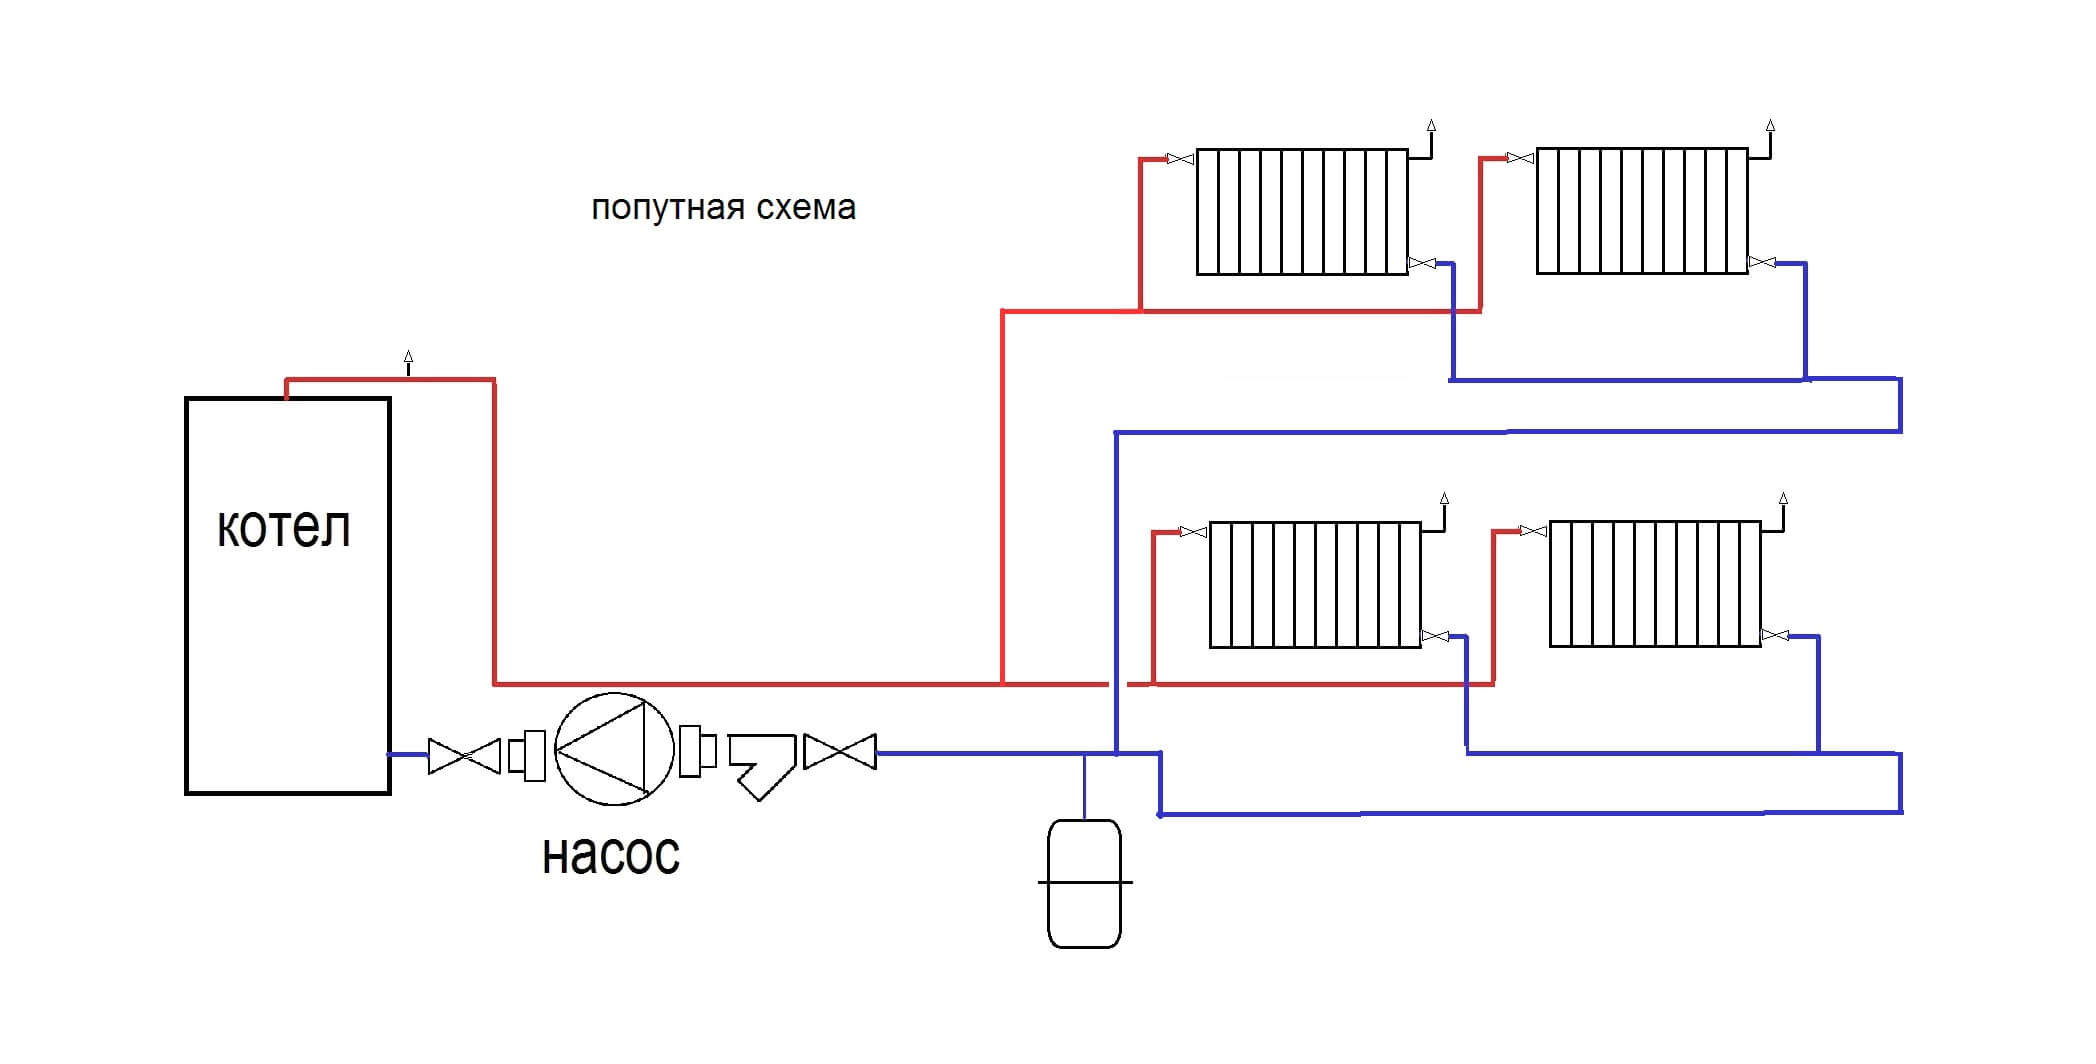 Петля тихельмана: схема устройства системы отопления в частных двухэтажных и одноэтажных домах, плюсы и минусы, диаметр труб